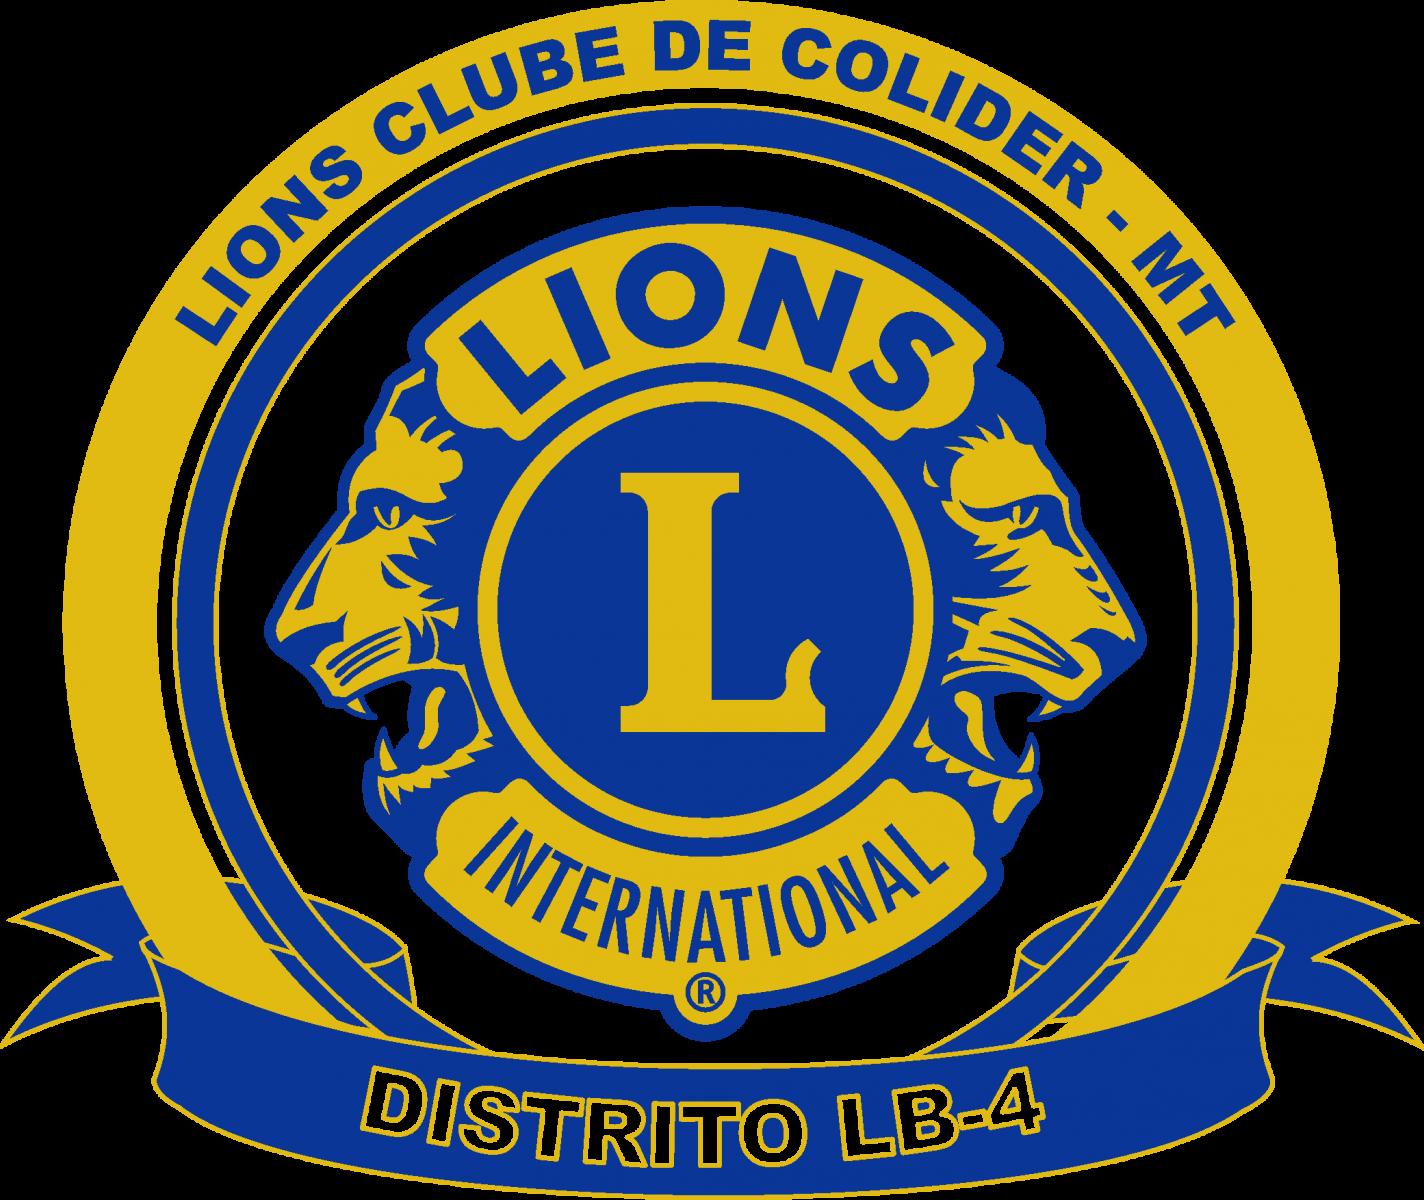 Lions Clube de Colíder